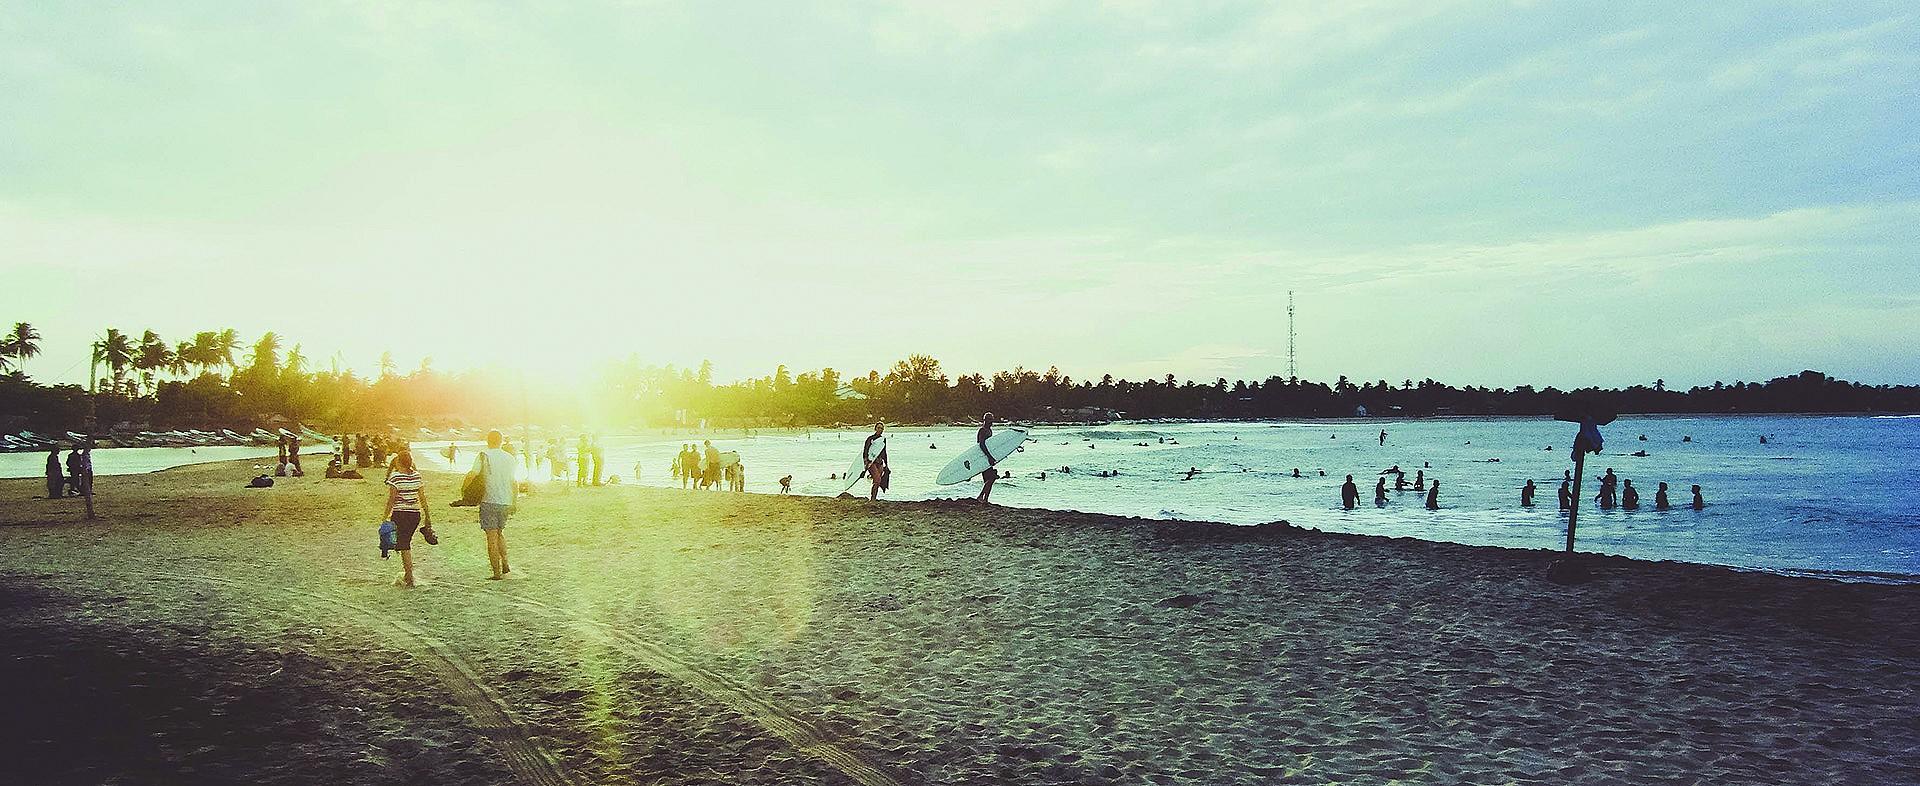 Summer In Negombo